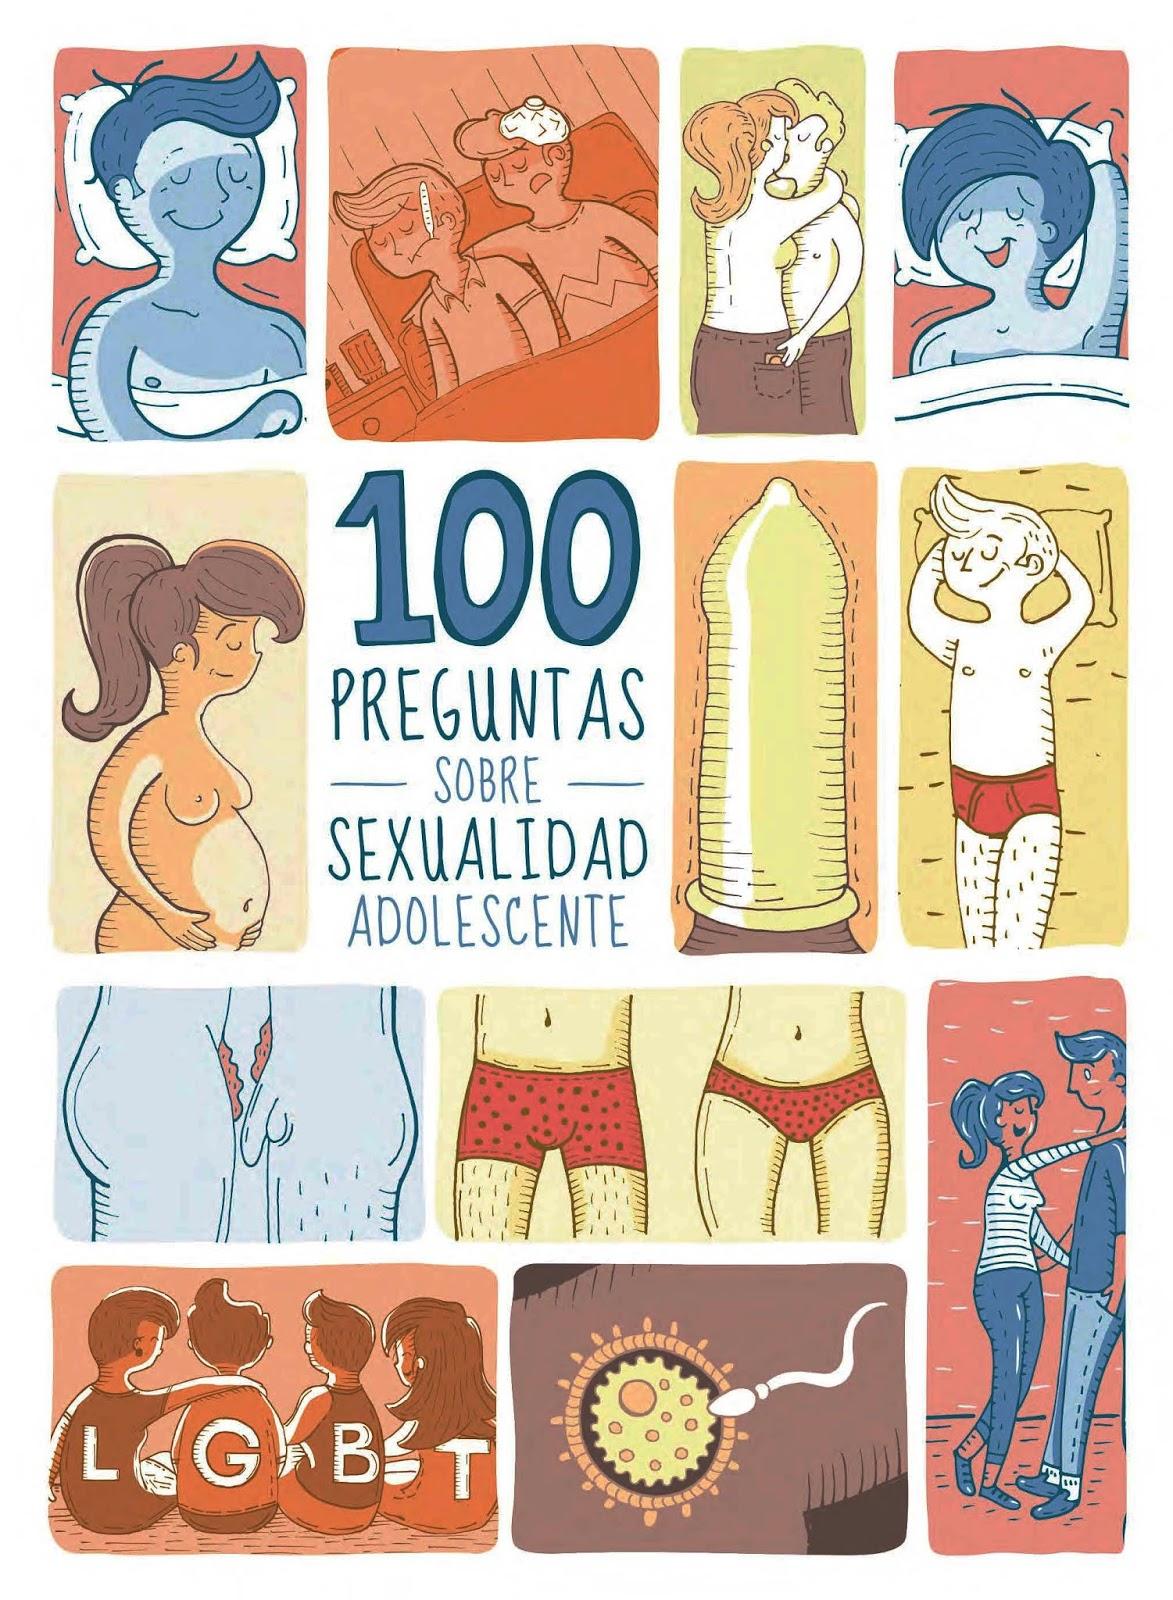 100 Preguntas Sobre Sexualidad Adolescente. Libro Para Descarga Gratuita, En Pdf